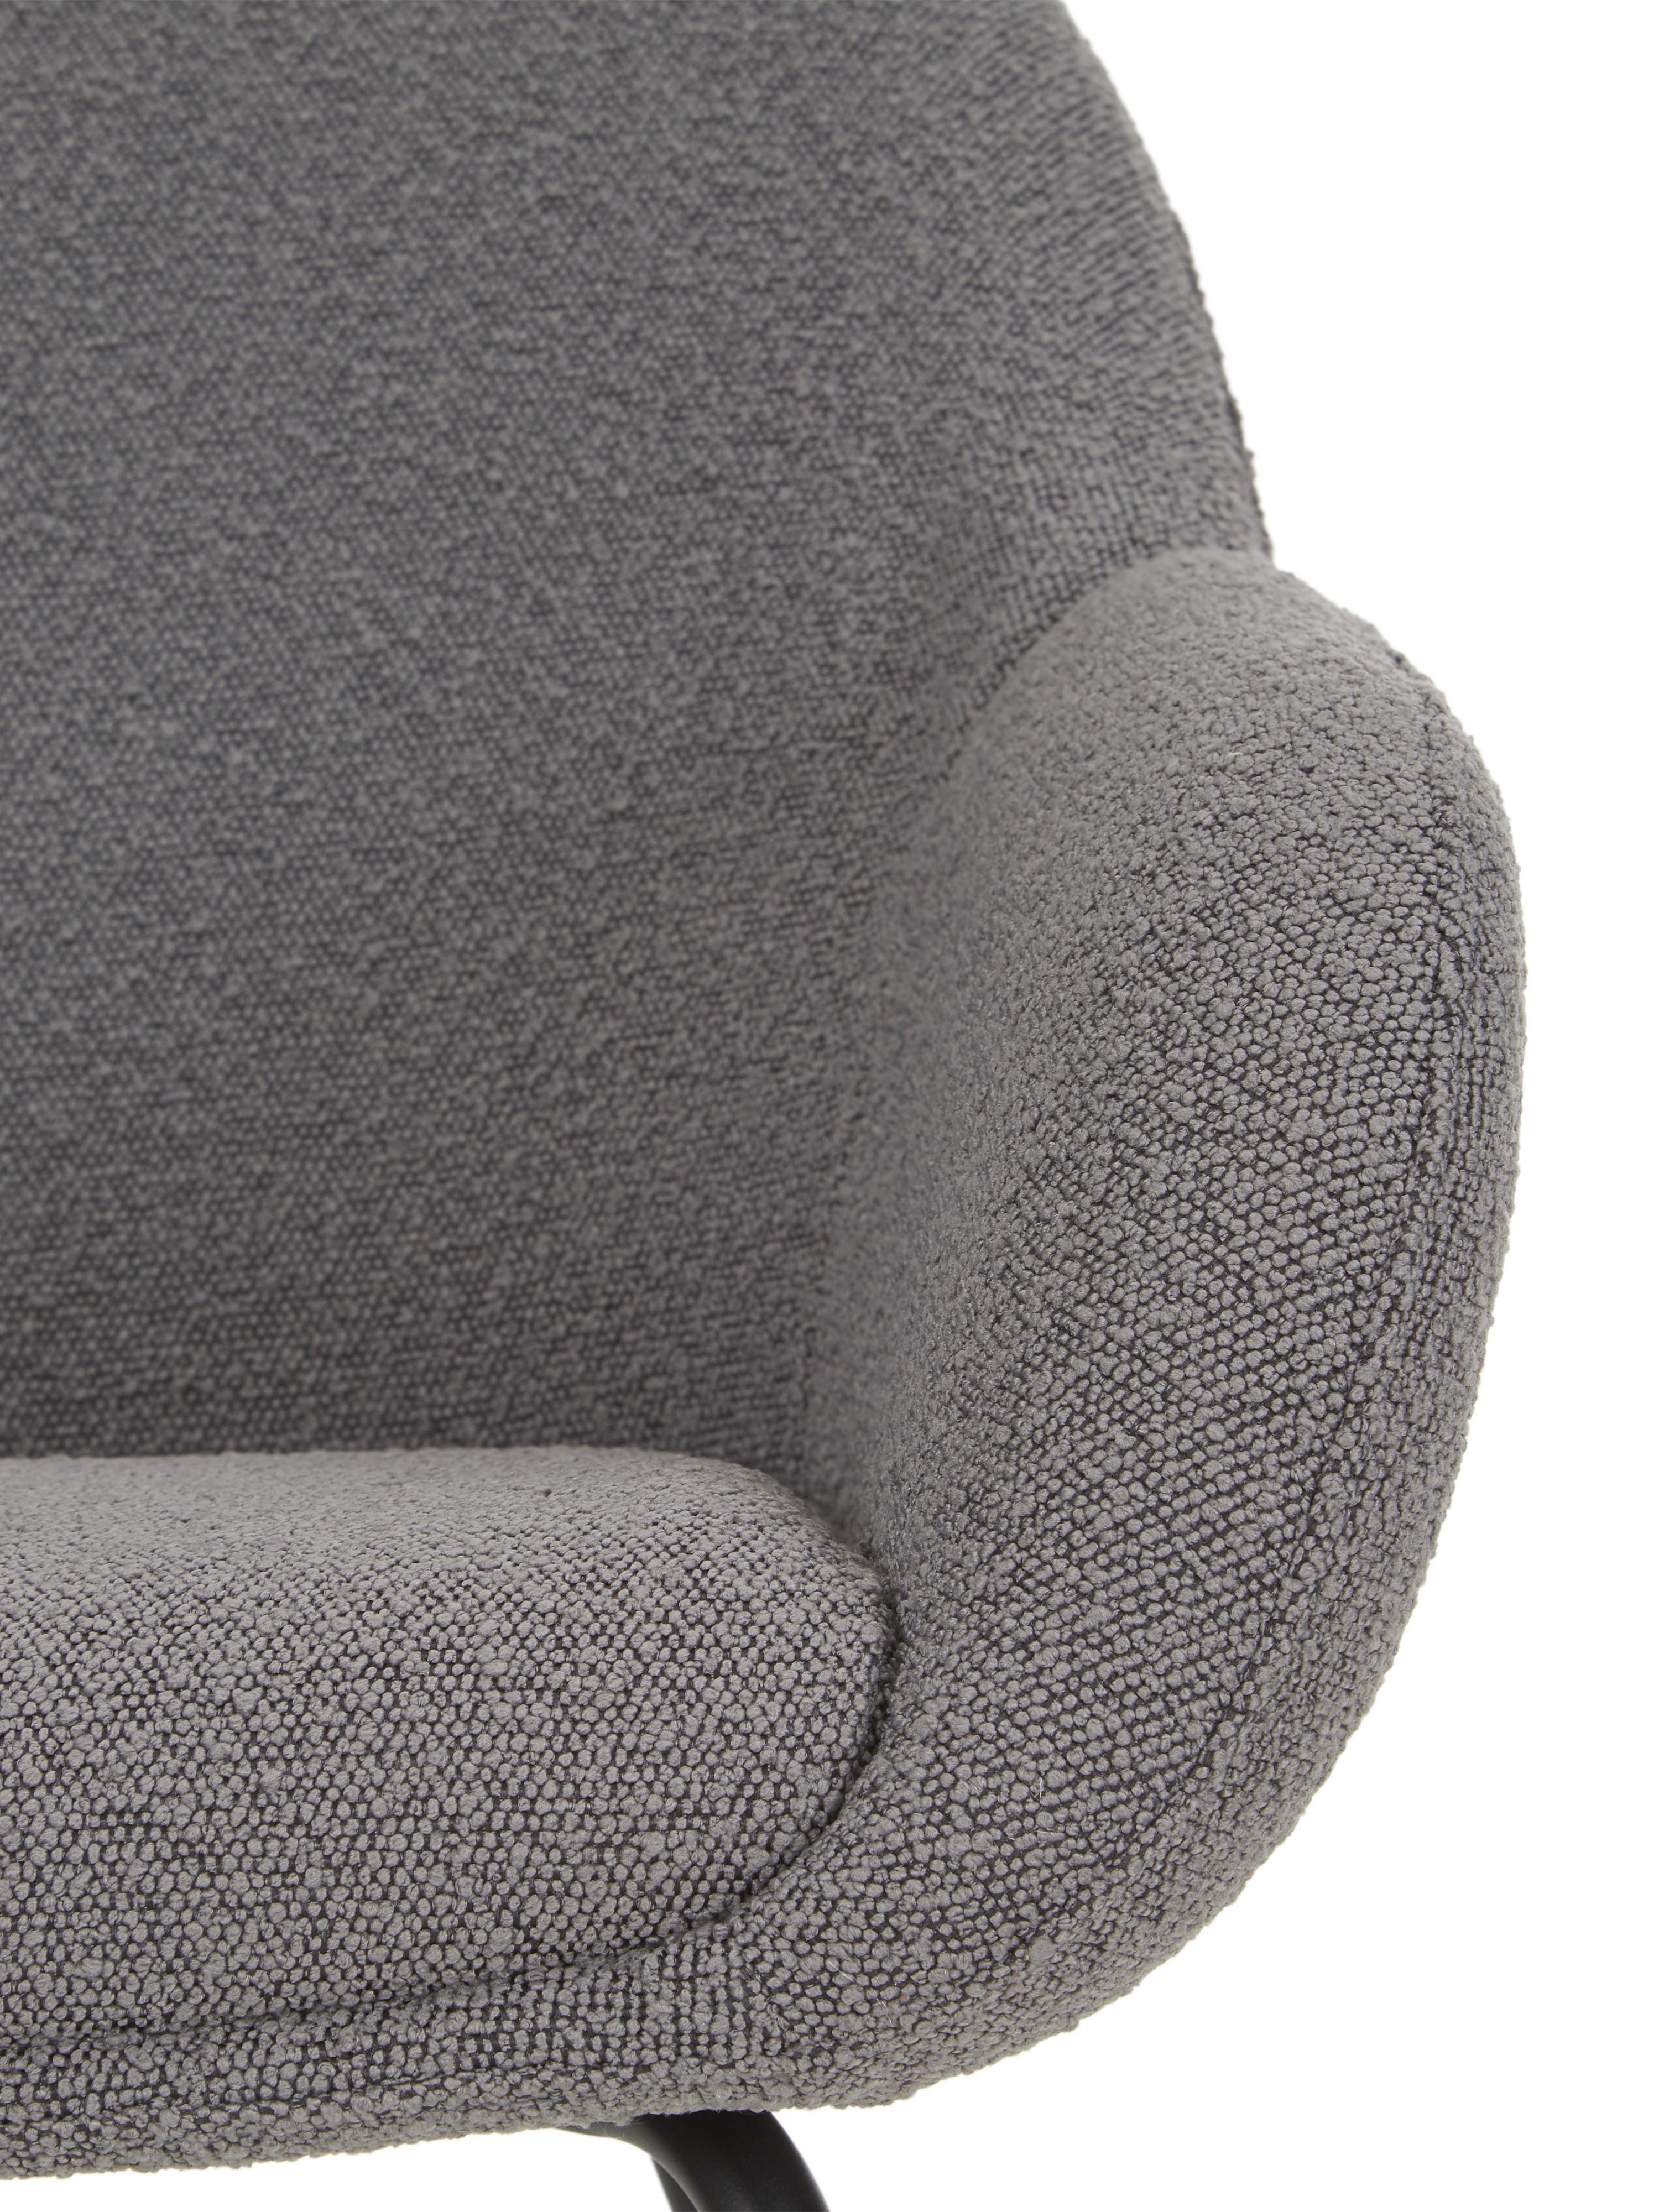 Fauteuil Jana, Bekleding: polyester (teddyvacht), Poten: gepoedercoat metaal, Teddy grijs, B 72 x D 68 cm